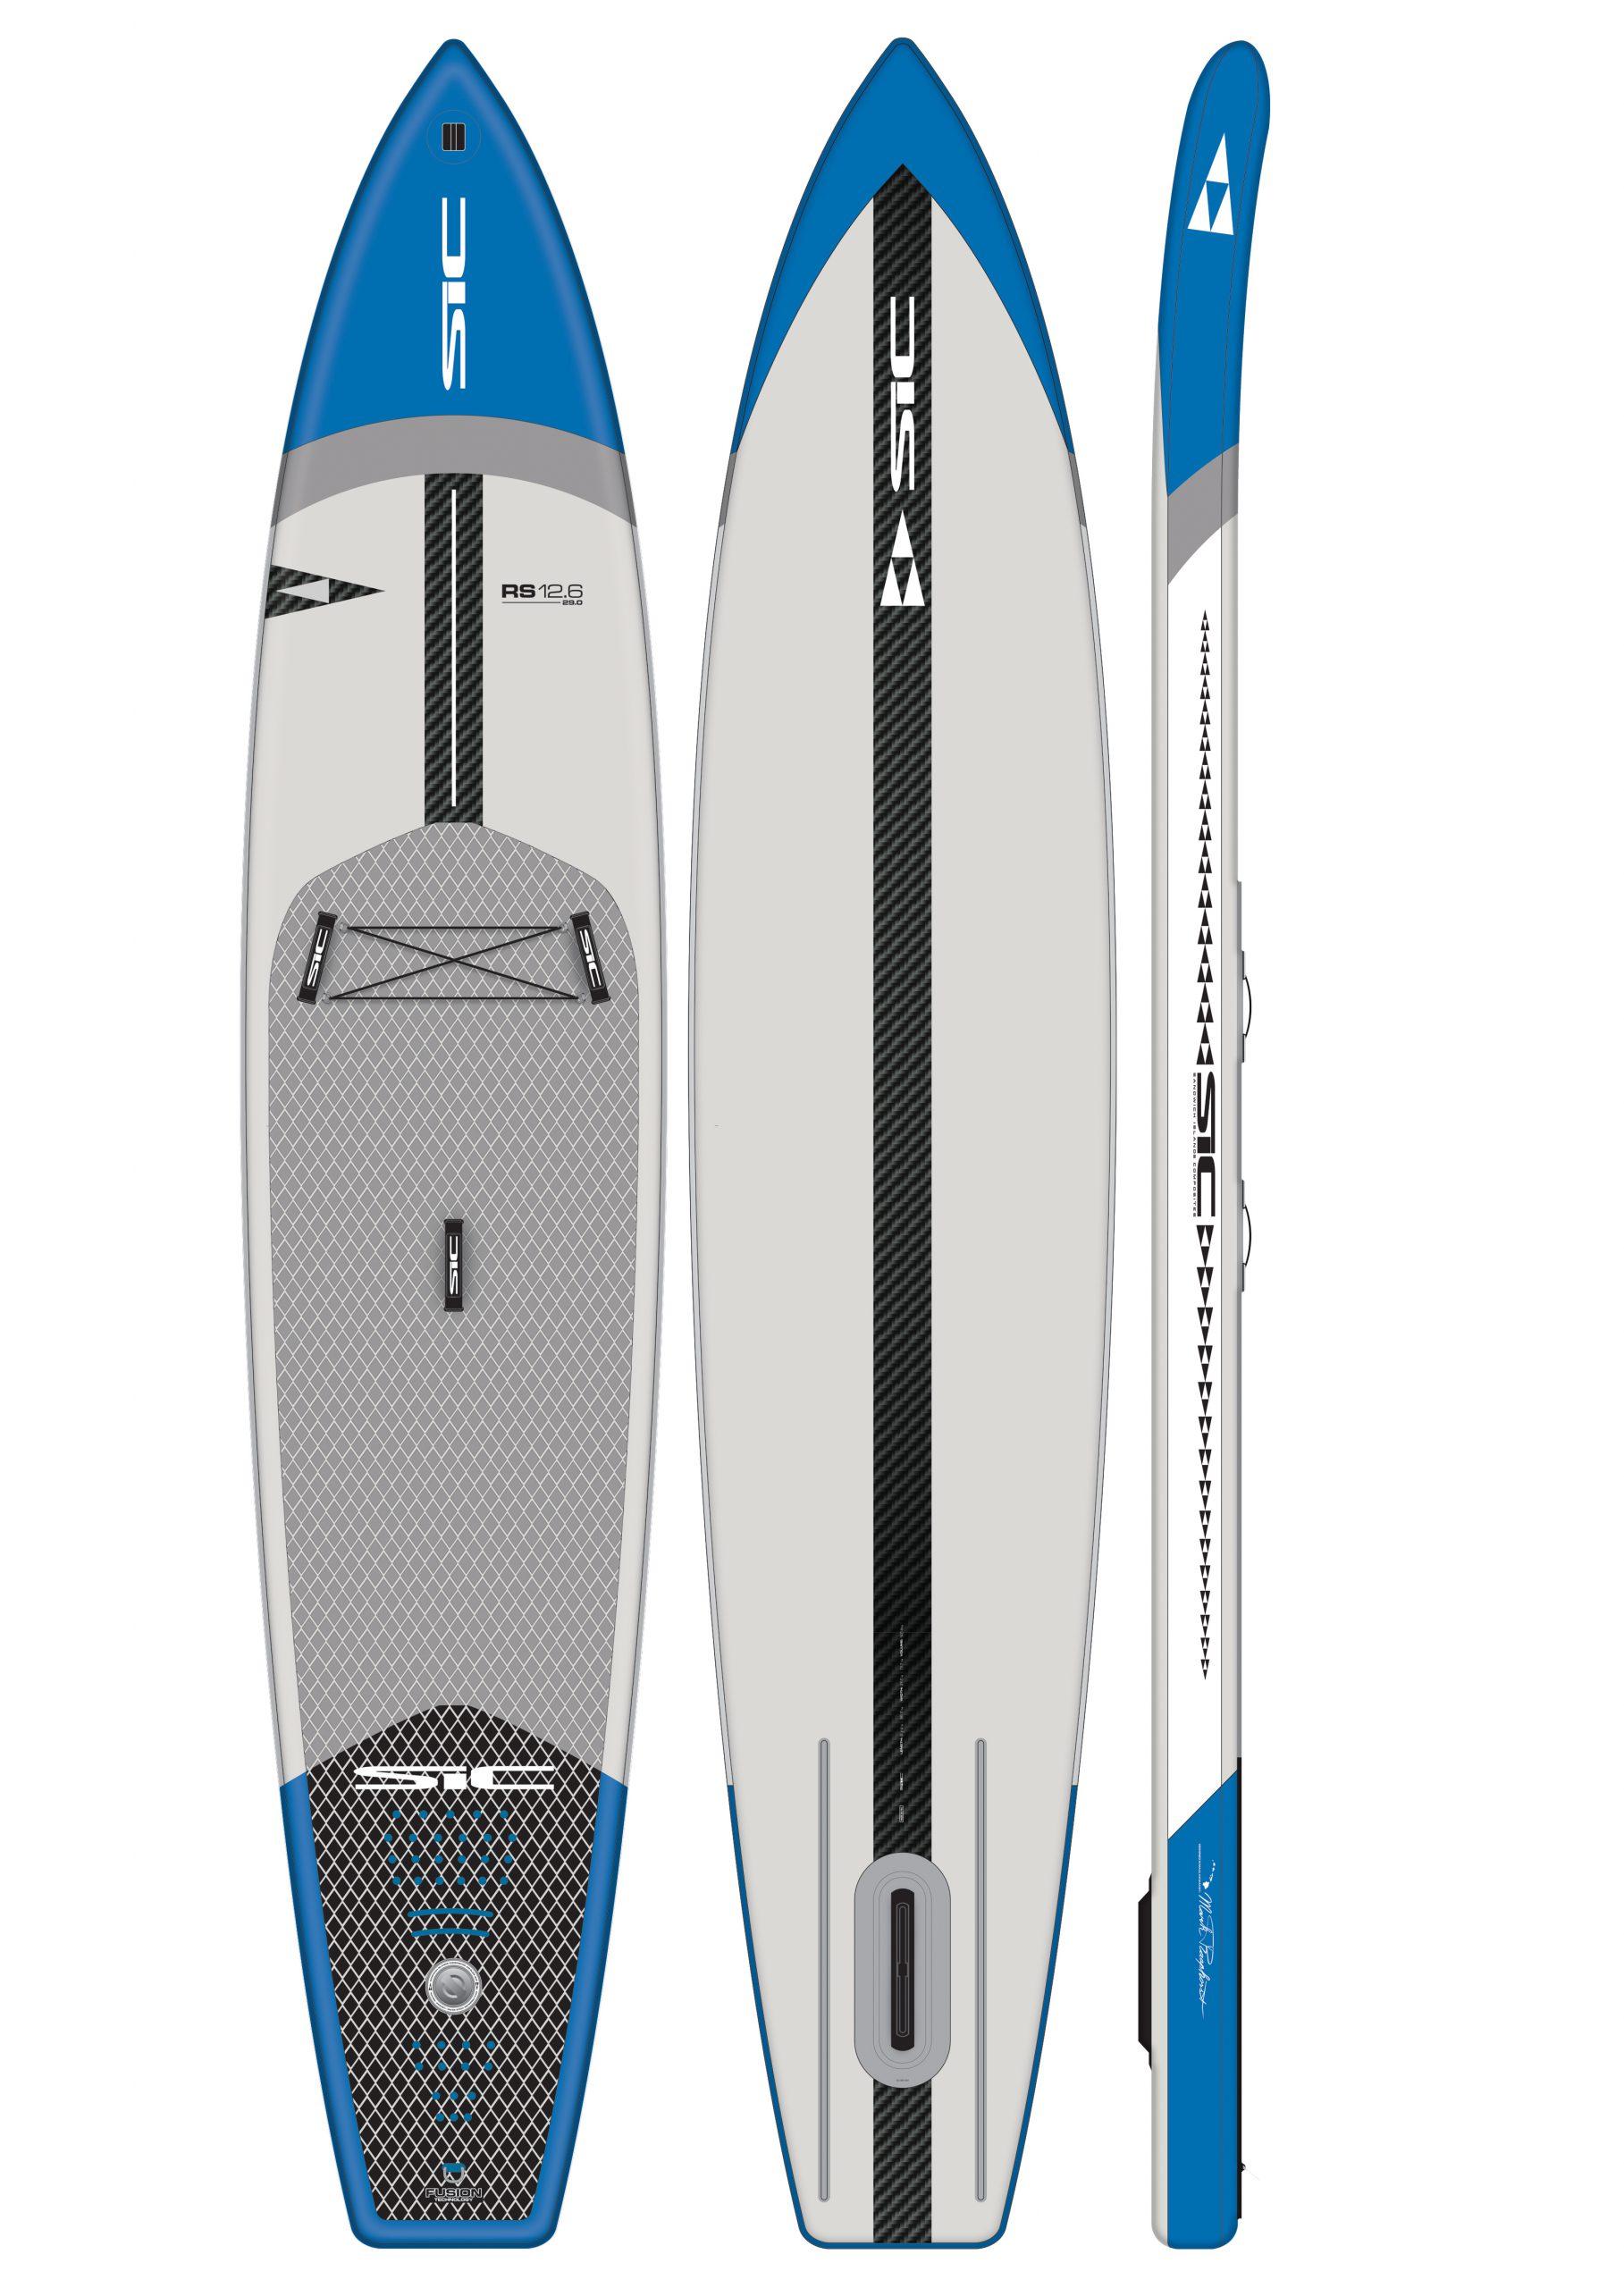 SIC Air-Glide RS 12.6x29